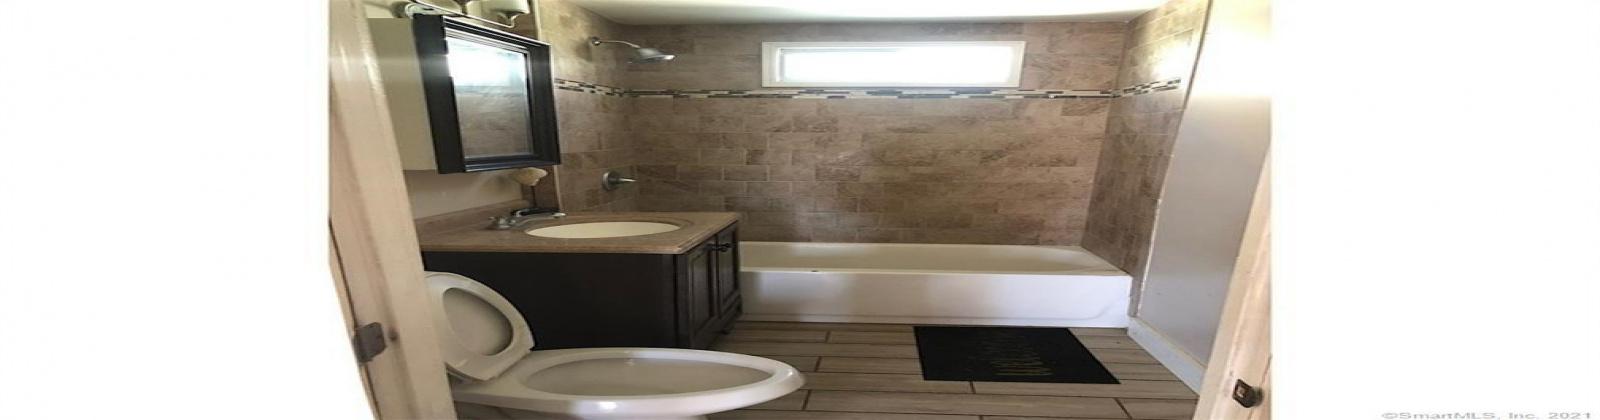 36 Warren St, Meriden, Connecticut, 2 Bedrooms Bedrooms, ,2 BathroomsBathrooms,Apartment,For Sale,Warren St,1005